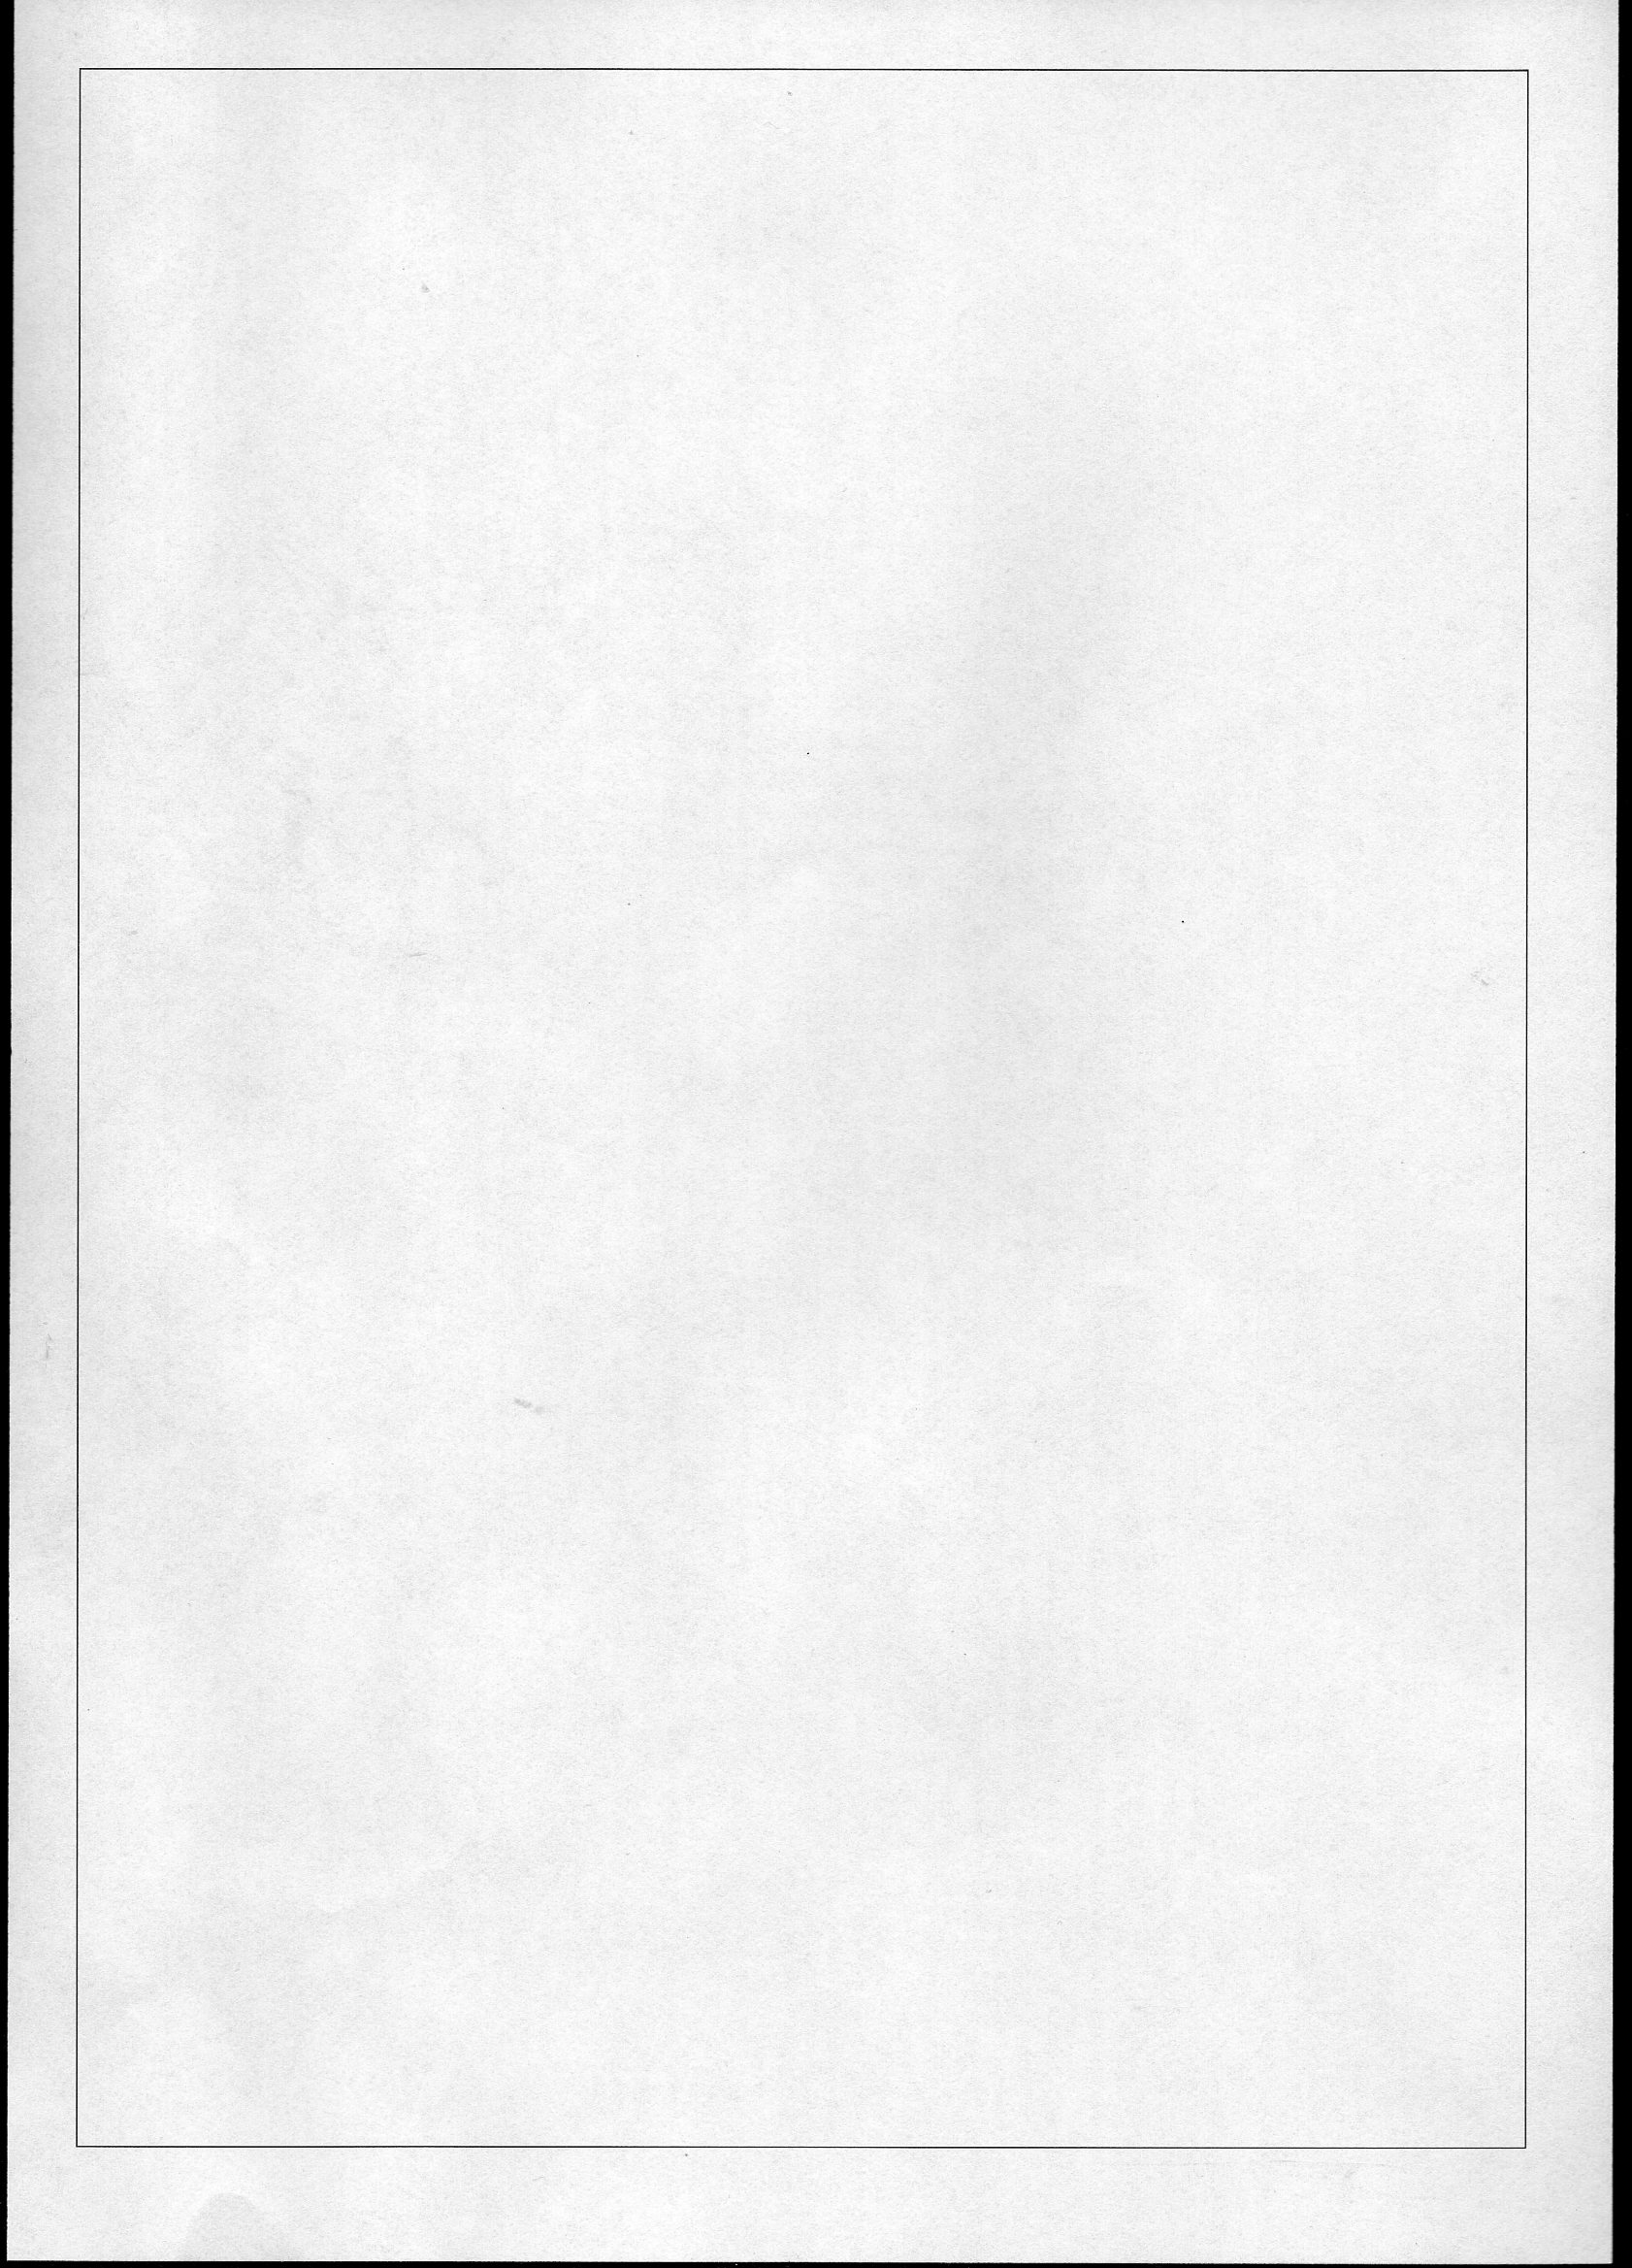 Ricoh Afcio 3235c - Przyci�ty wydruk z tacy r�cznej, zacinanie papieru